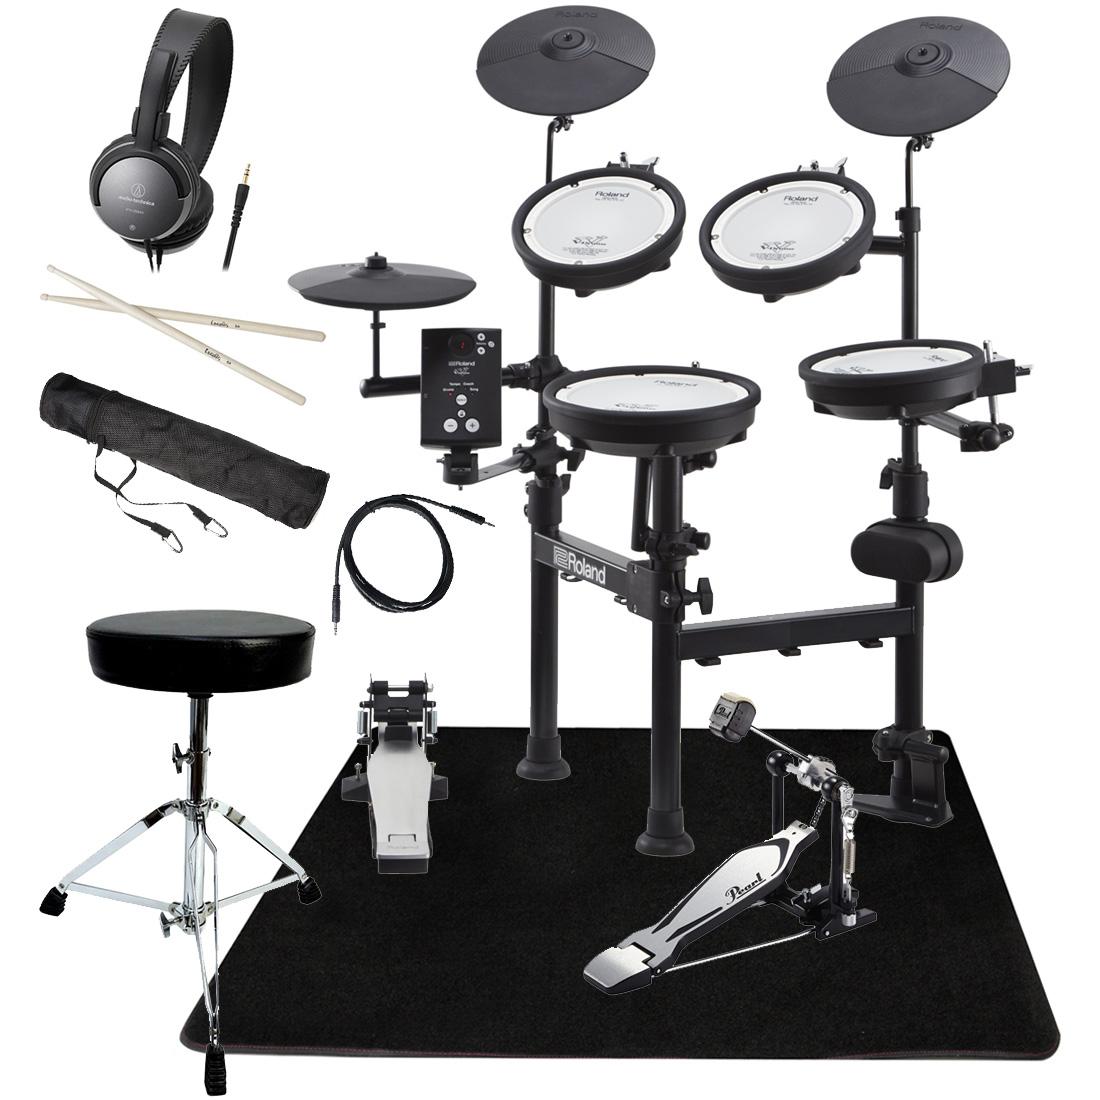 【タイムセール:7月2日12時まで】Roland 電子ドラム TD-1KPX2 イシバシオリジナル・マット付きスターターパック》【YRK】